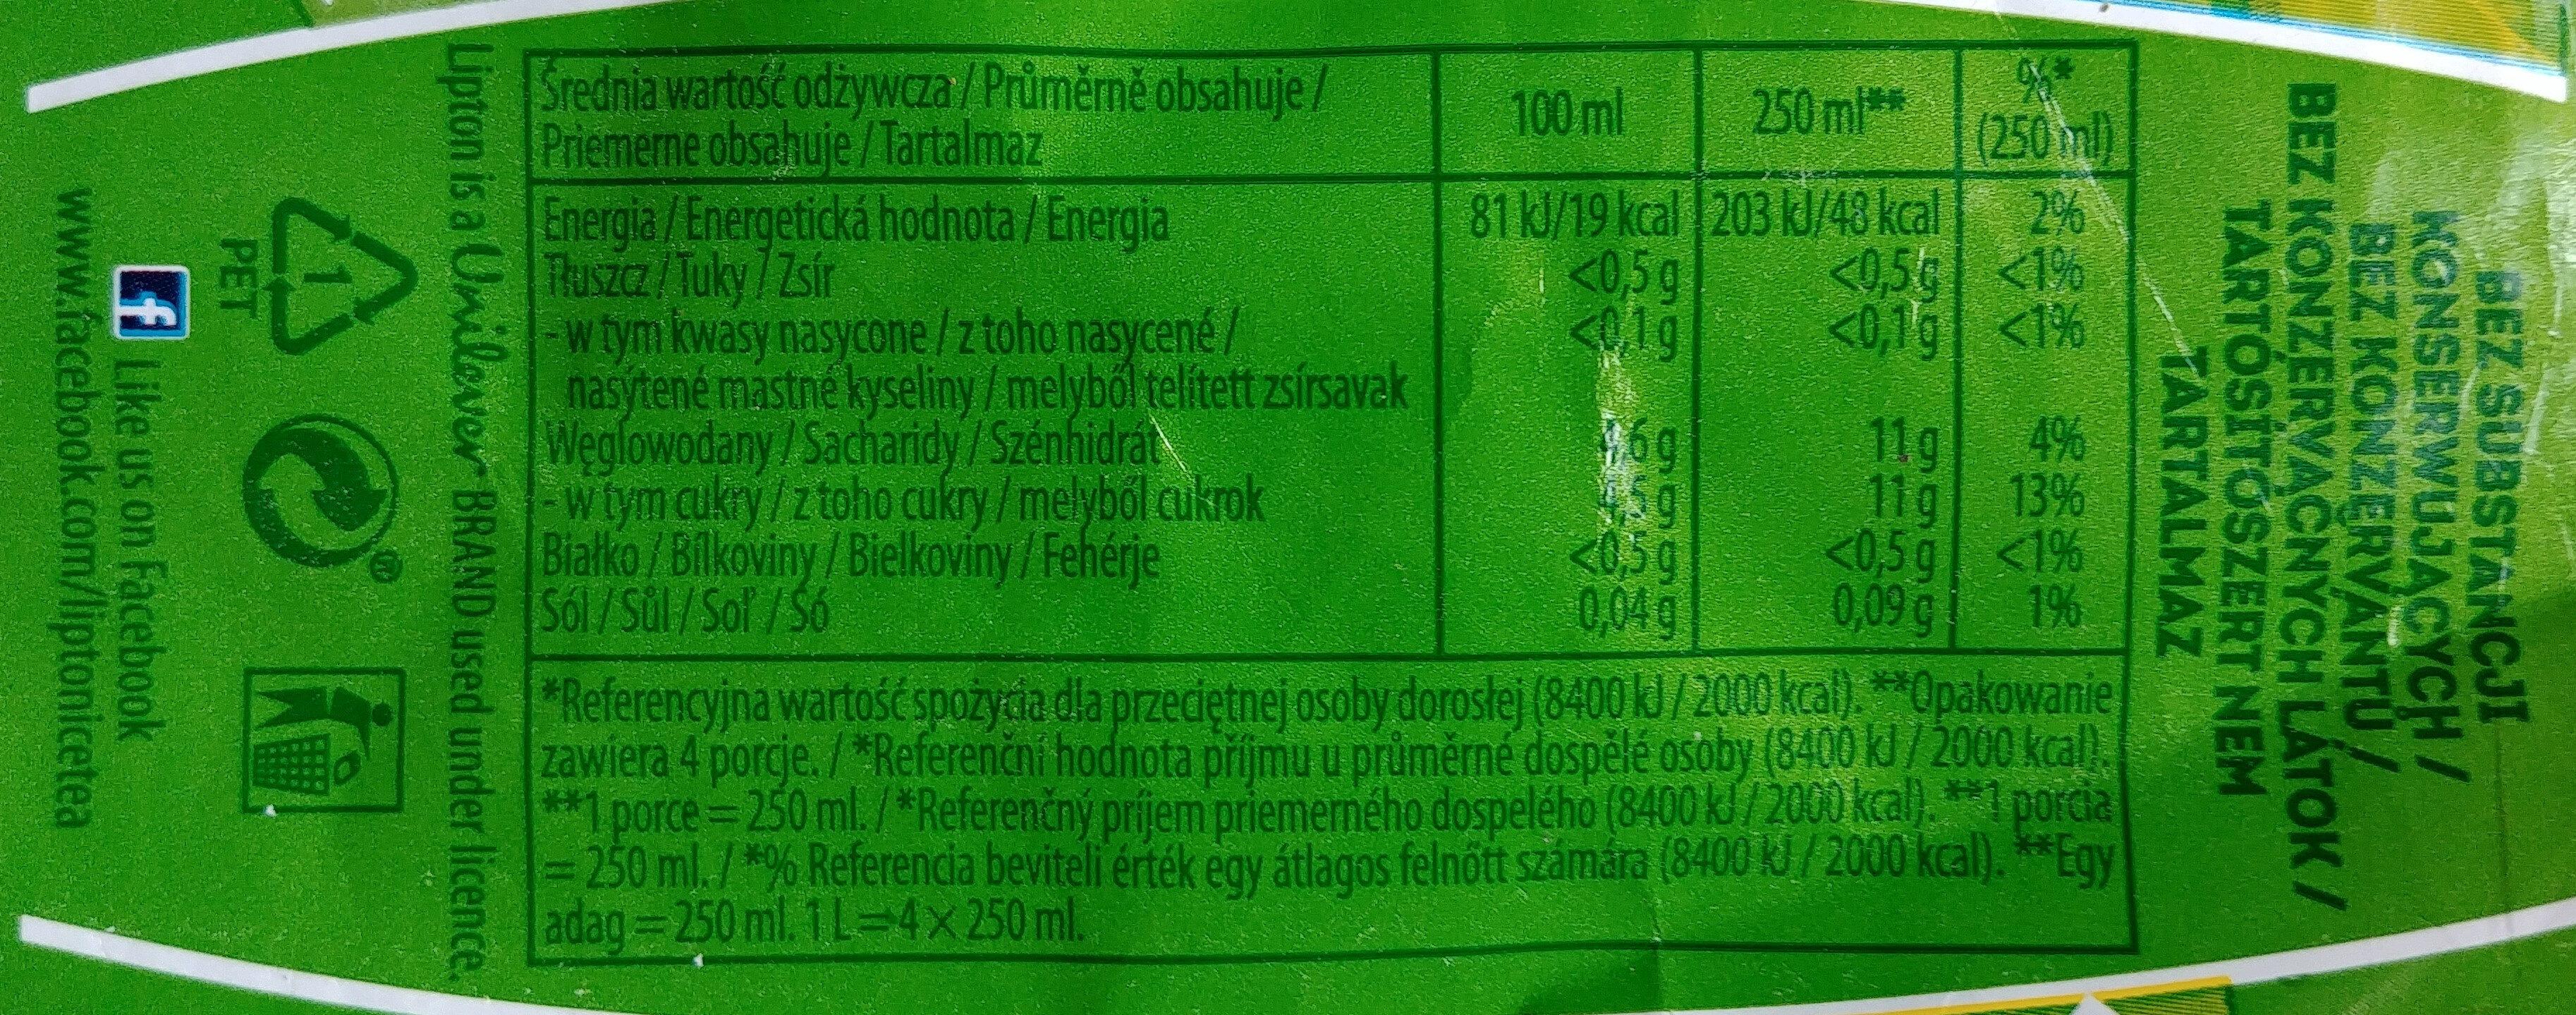 Niegazowany napój herbaciany z zieloną herbatą - Wartości odżywcze